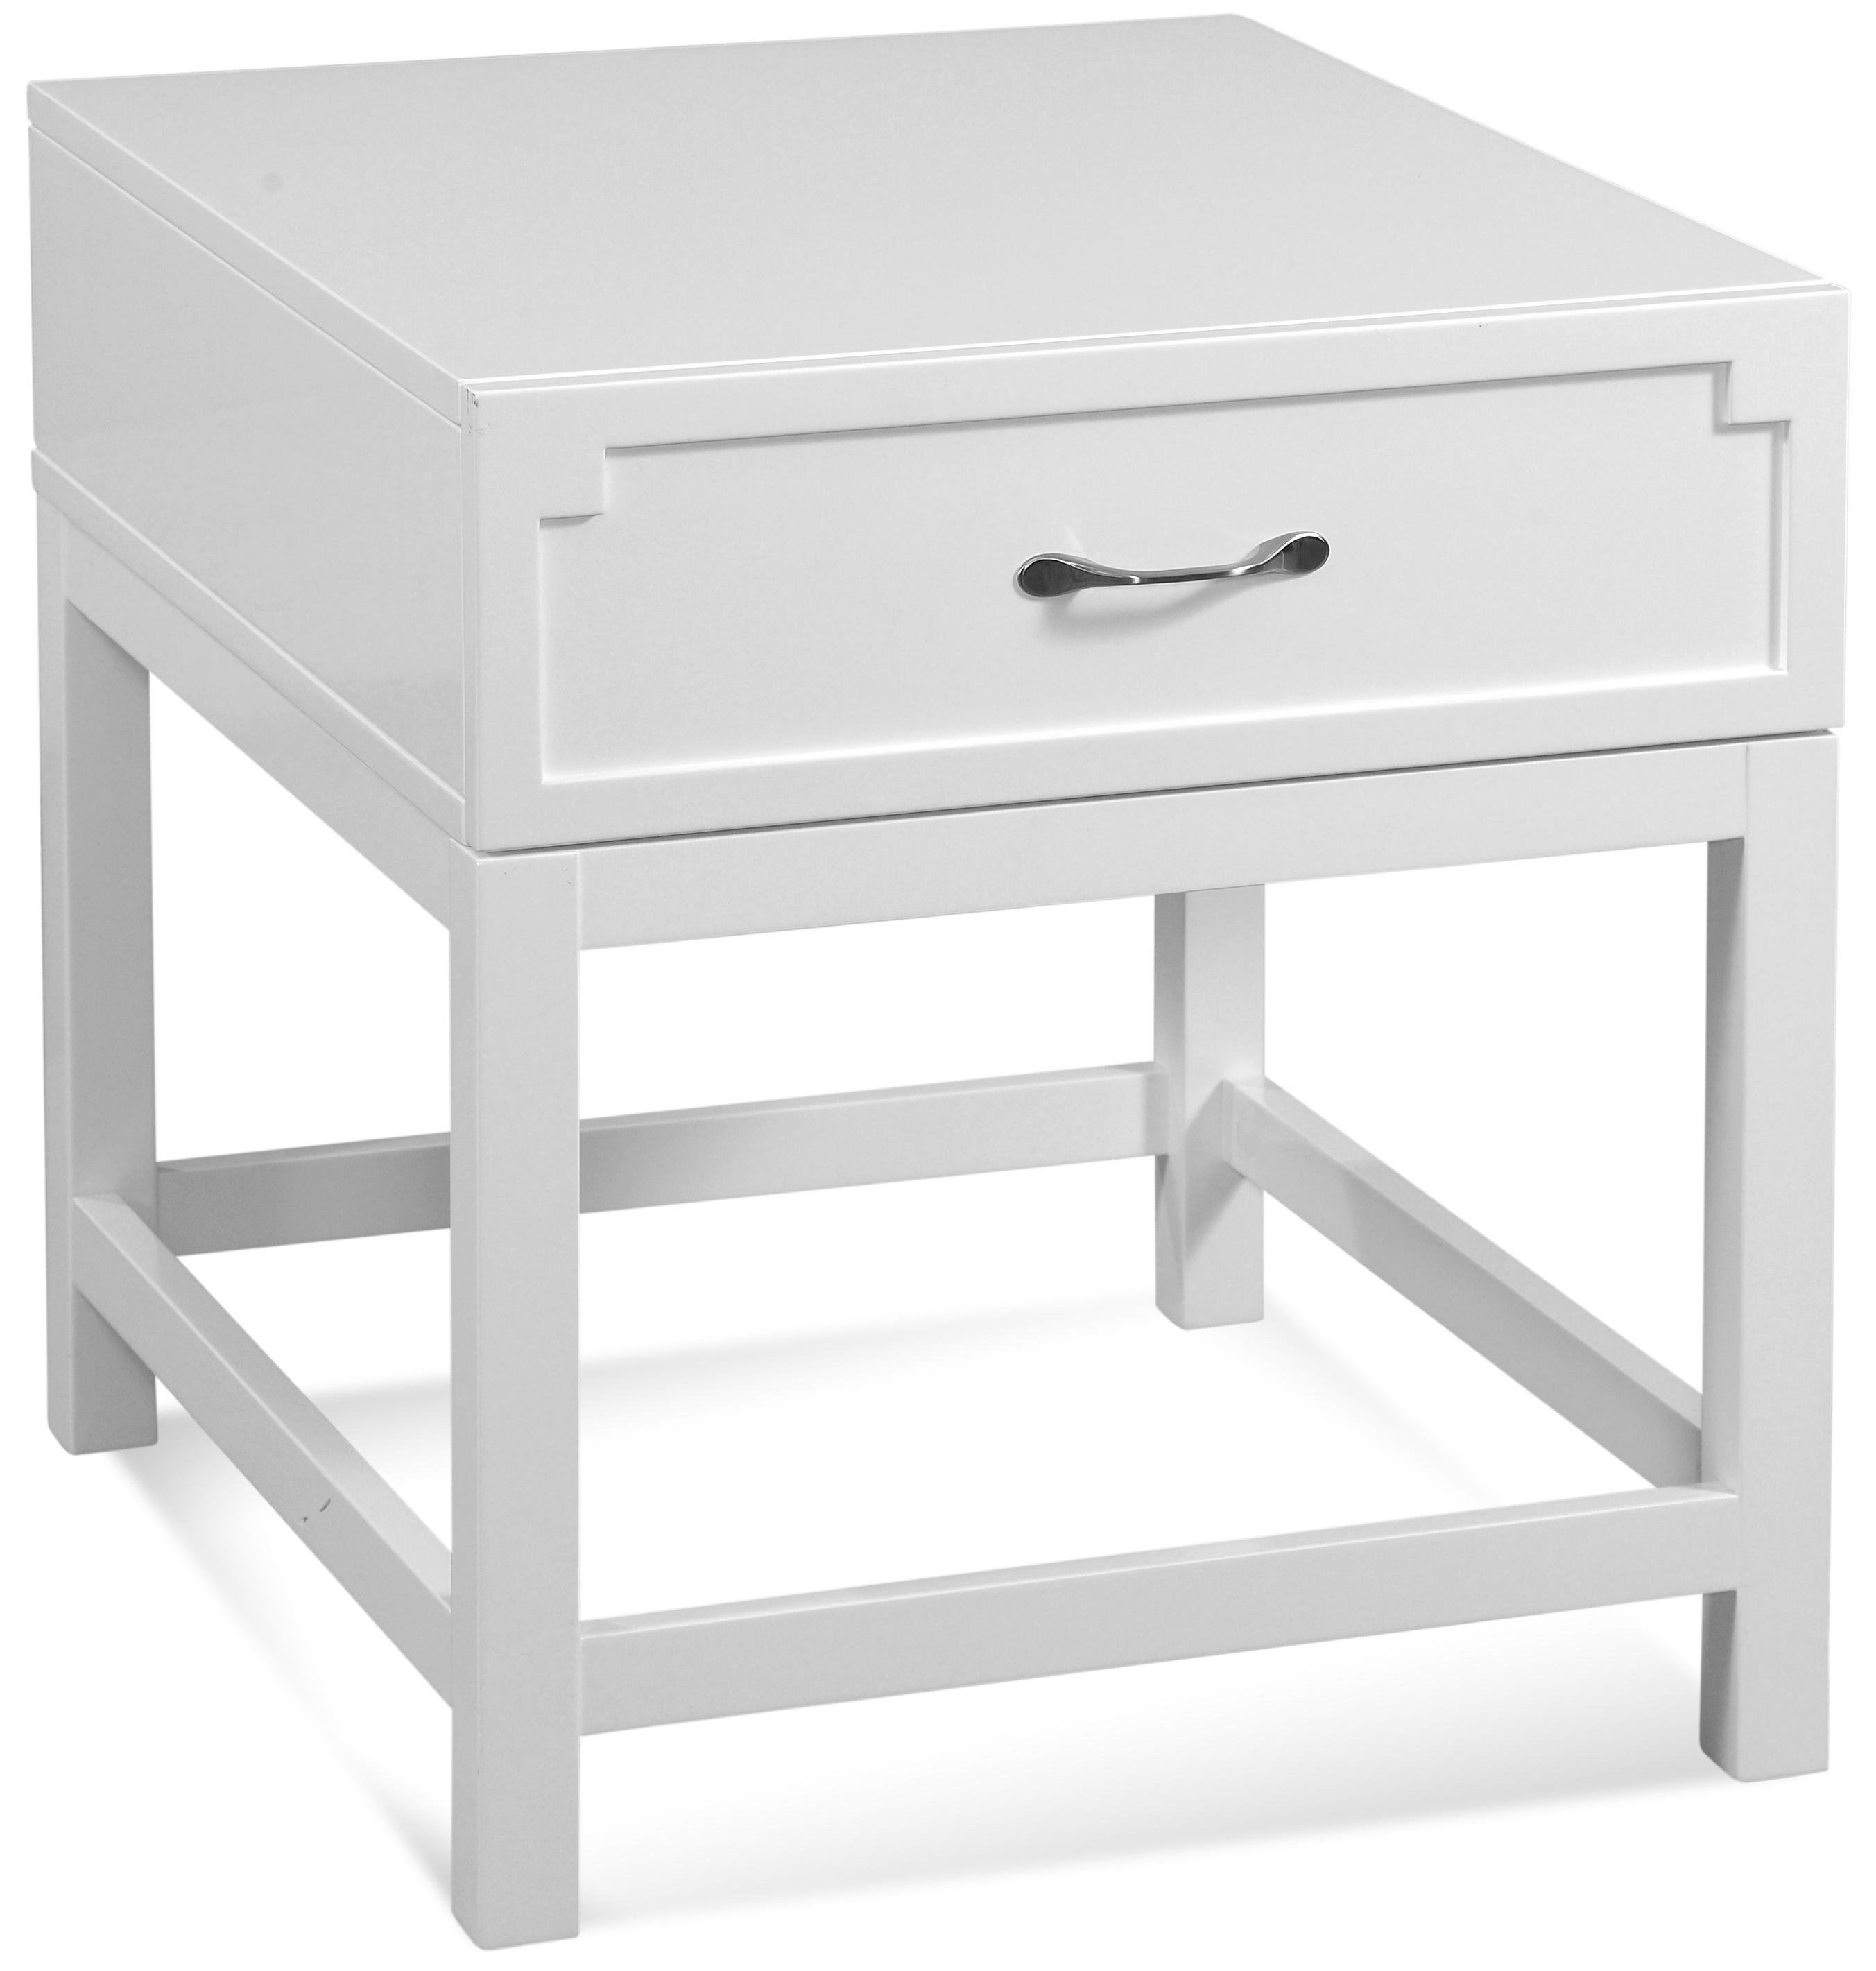 Zoe Rectangular End Table by Bassett Mirror at Lapeer Furniture & Mattress Center